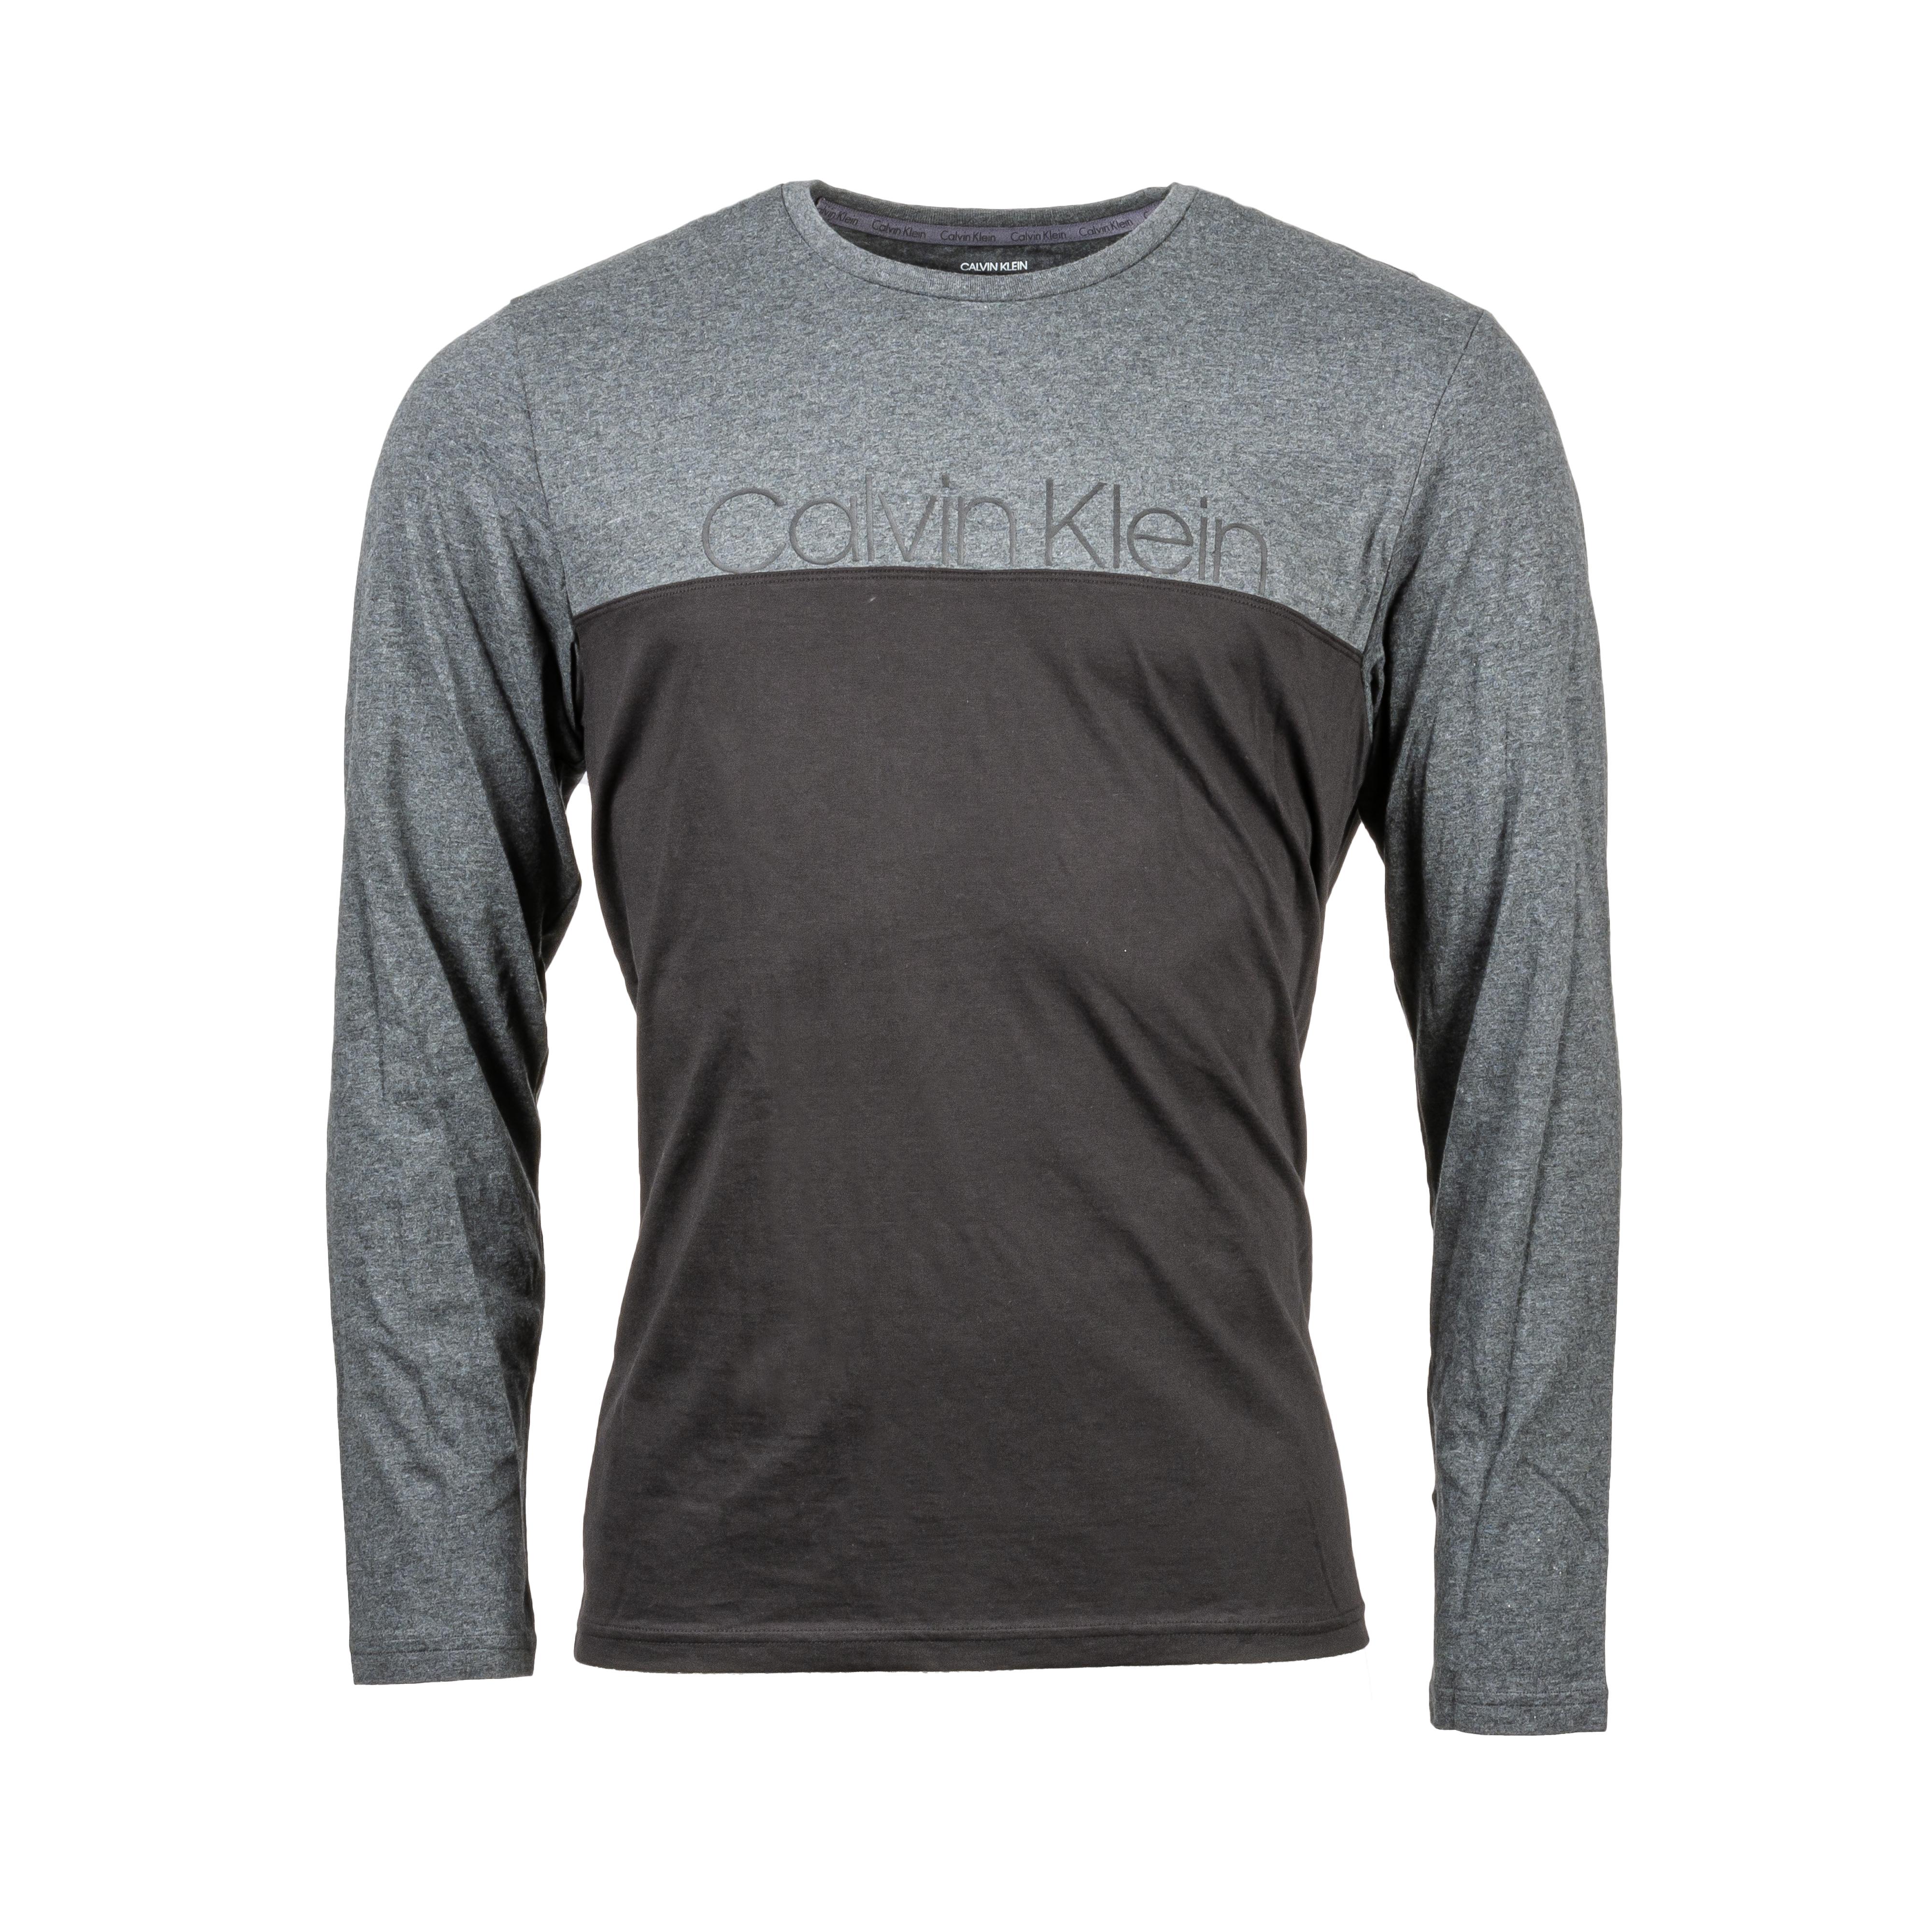 Tee-shirt col rond manches longues calvin klein en coton noir et gris